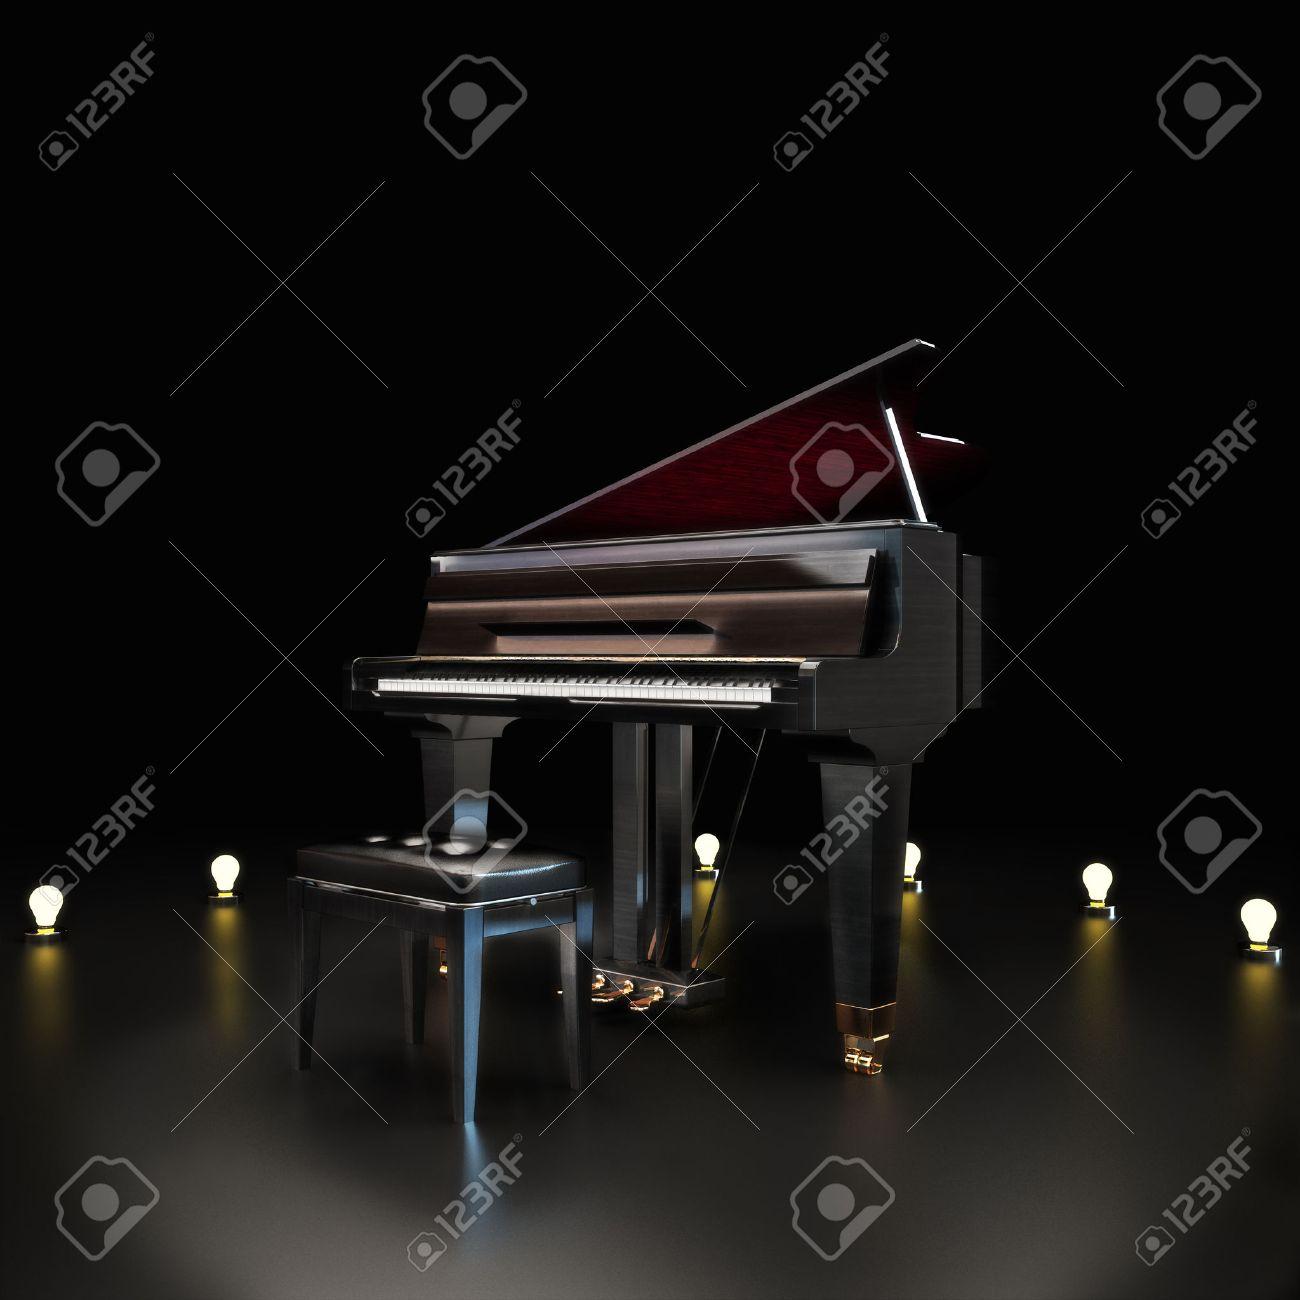 centre de la scène de piano élégant avec des accents d'éclairage